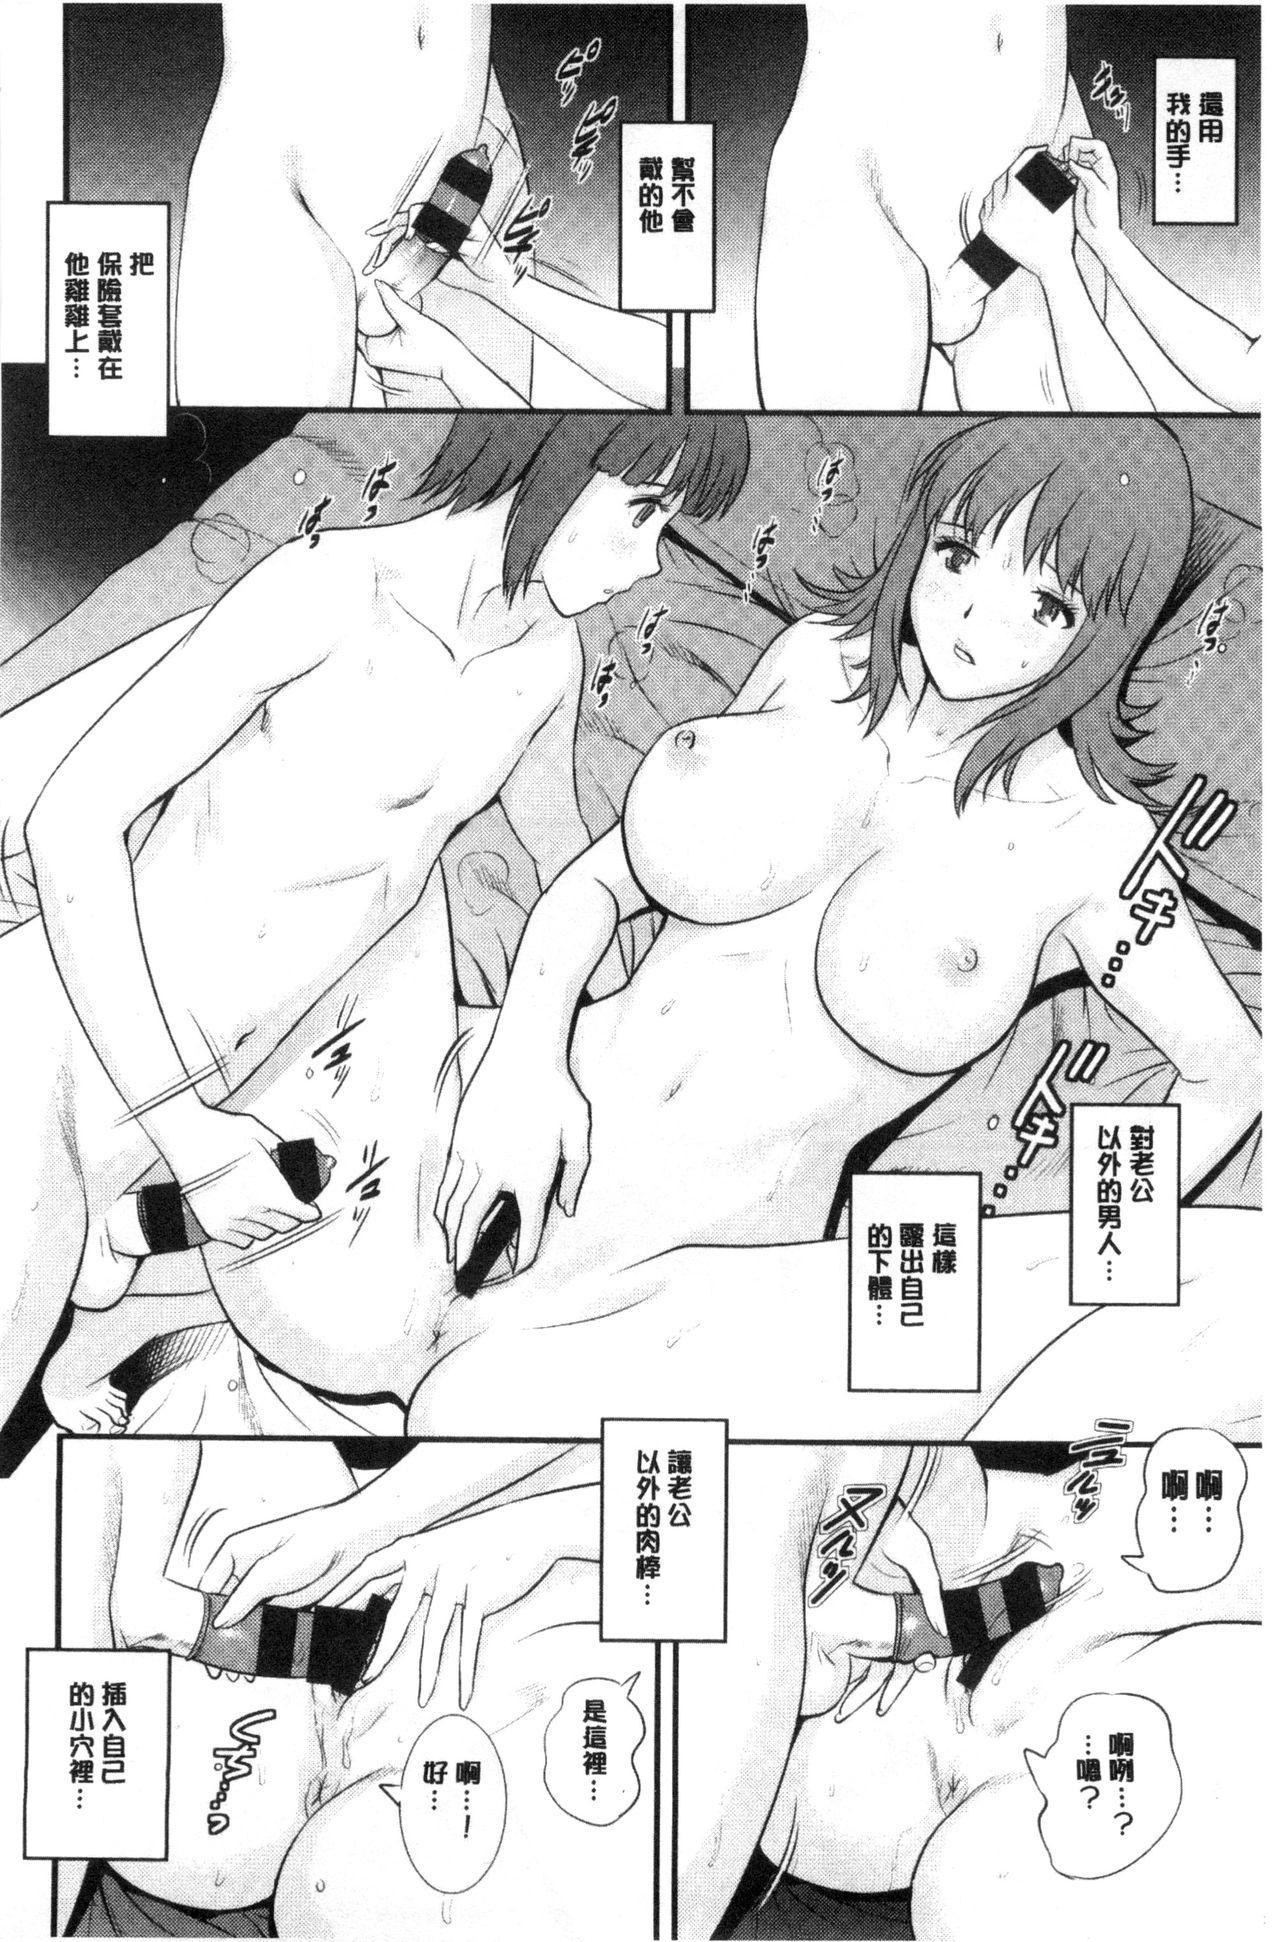 [Saigado] Part Time Manaka-san Wakazuma Enjokousai-ki | 兼職打工的愛花小姐 [Chinese] 16